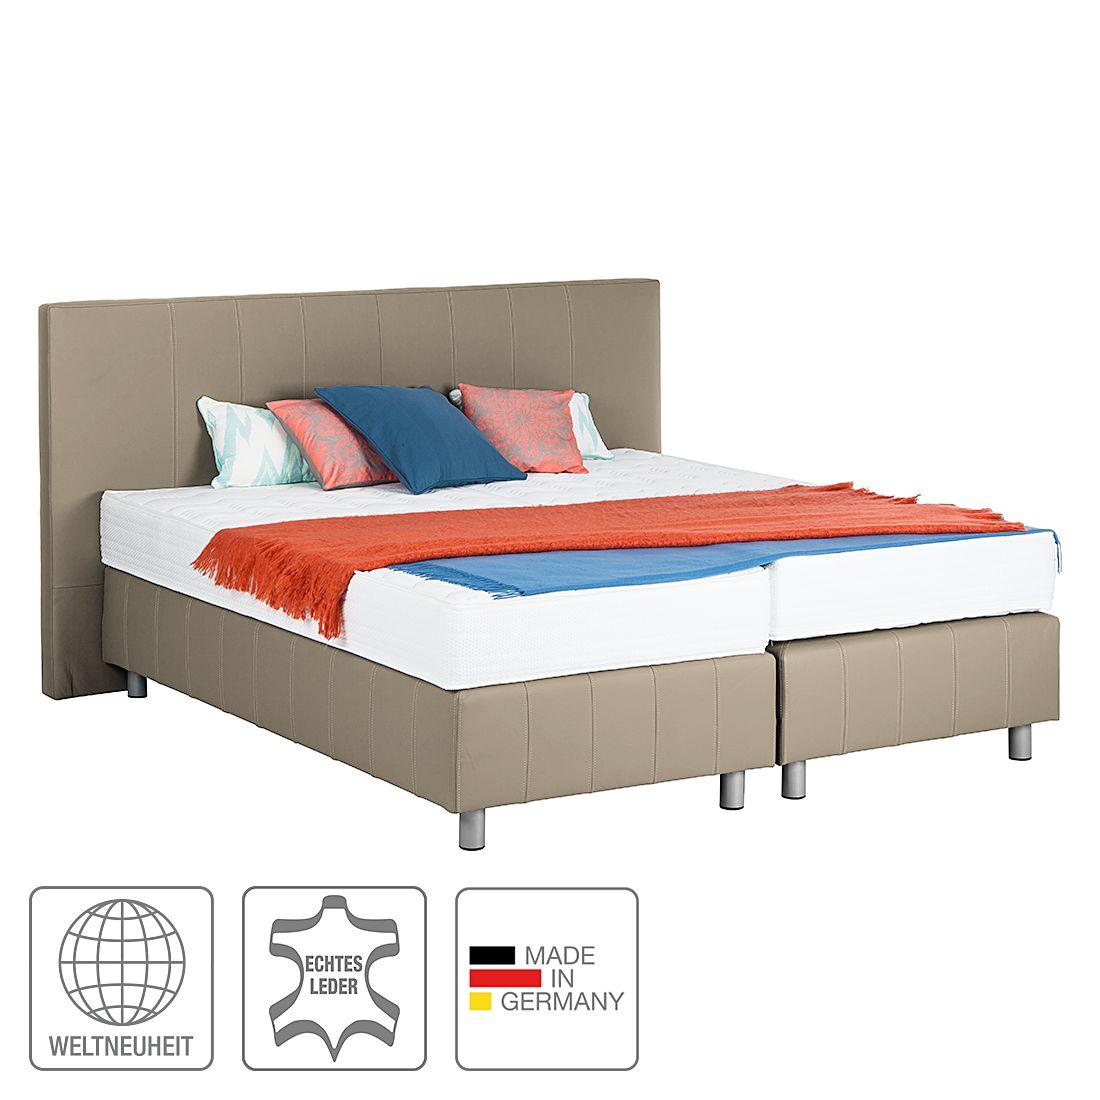 boxspringbett atlanta echtleder ohne topper 200 x 200cm h2 bis 80 kg schlamm breckle. Black Bedroom Furniture Sets. Home Design Ideas